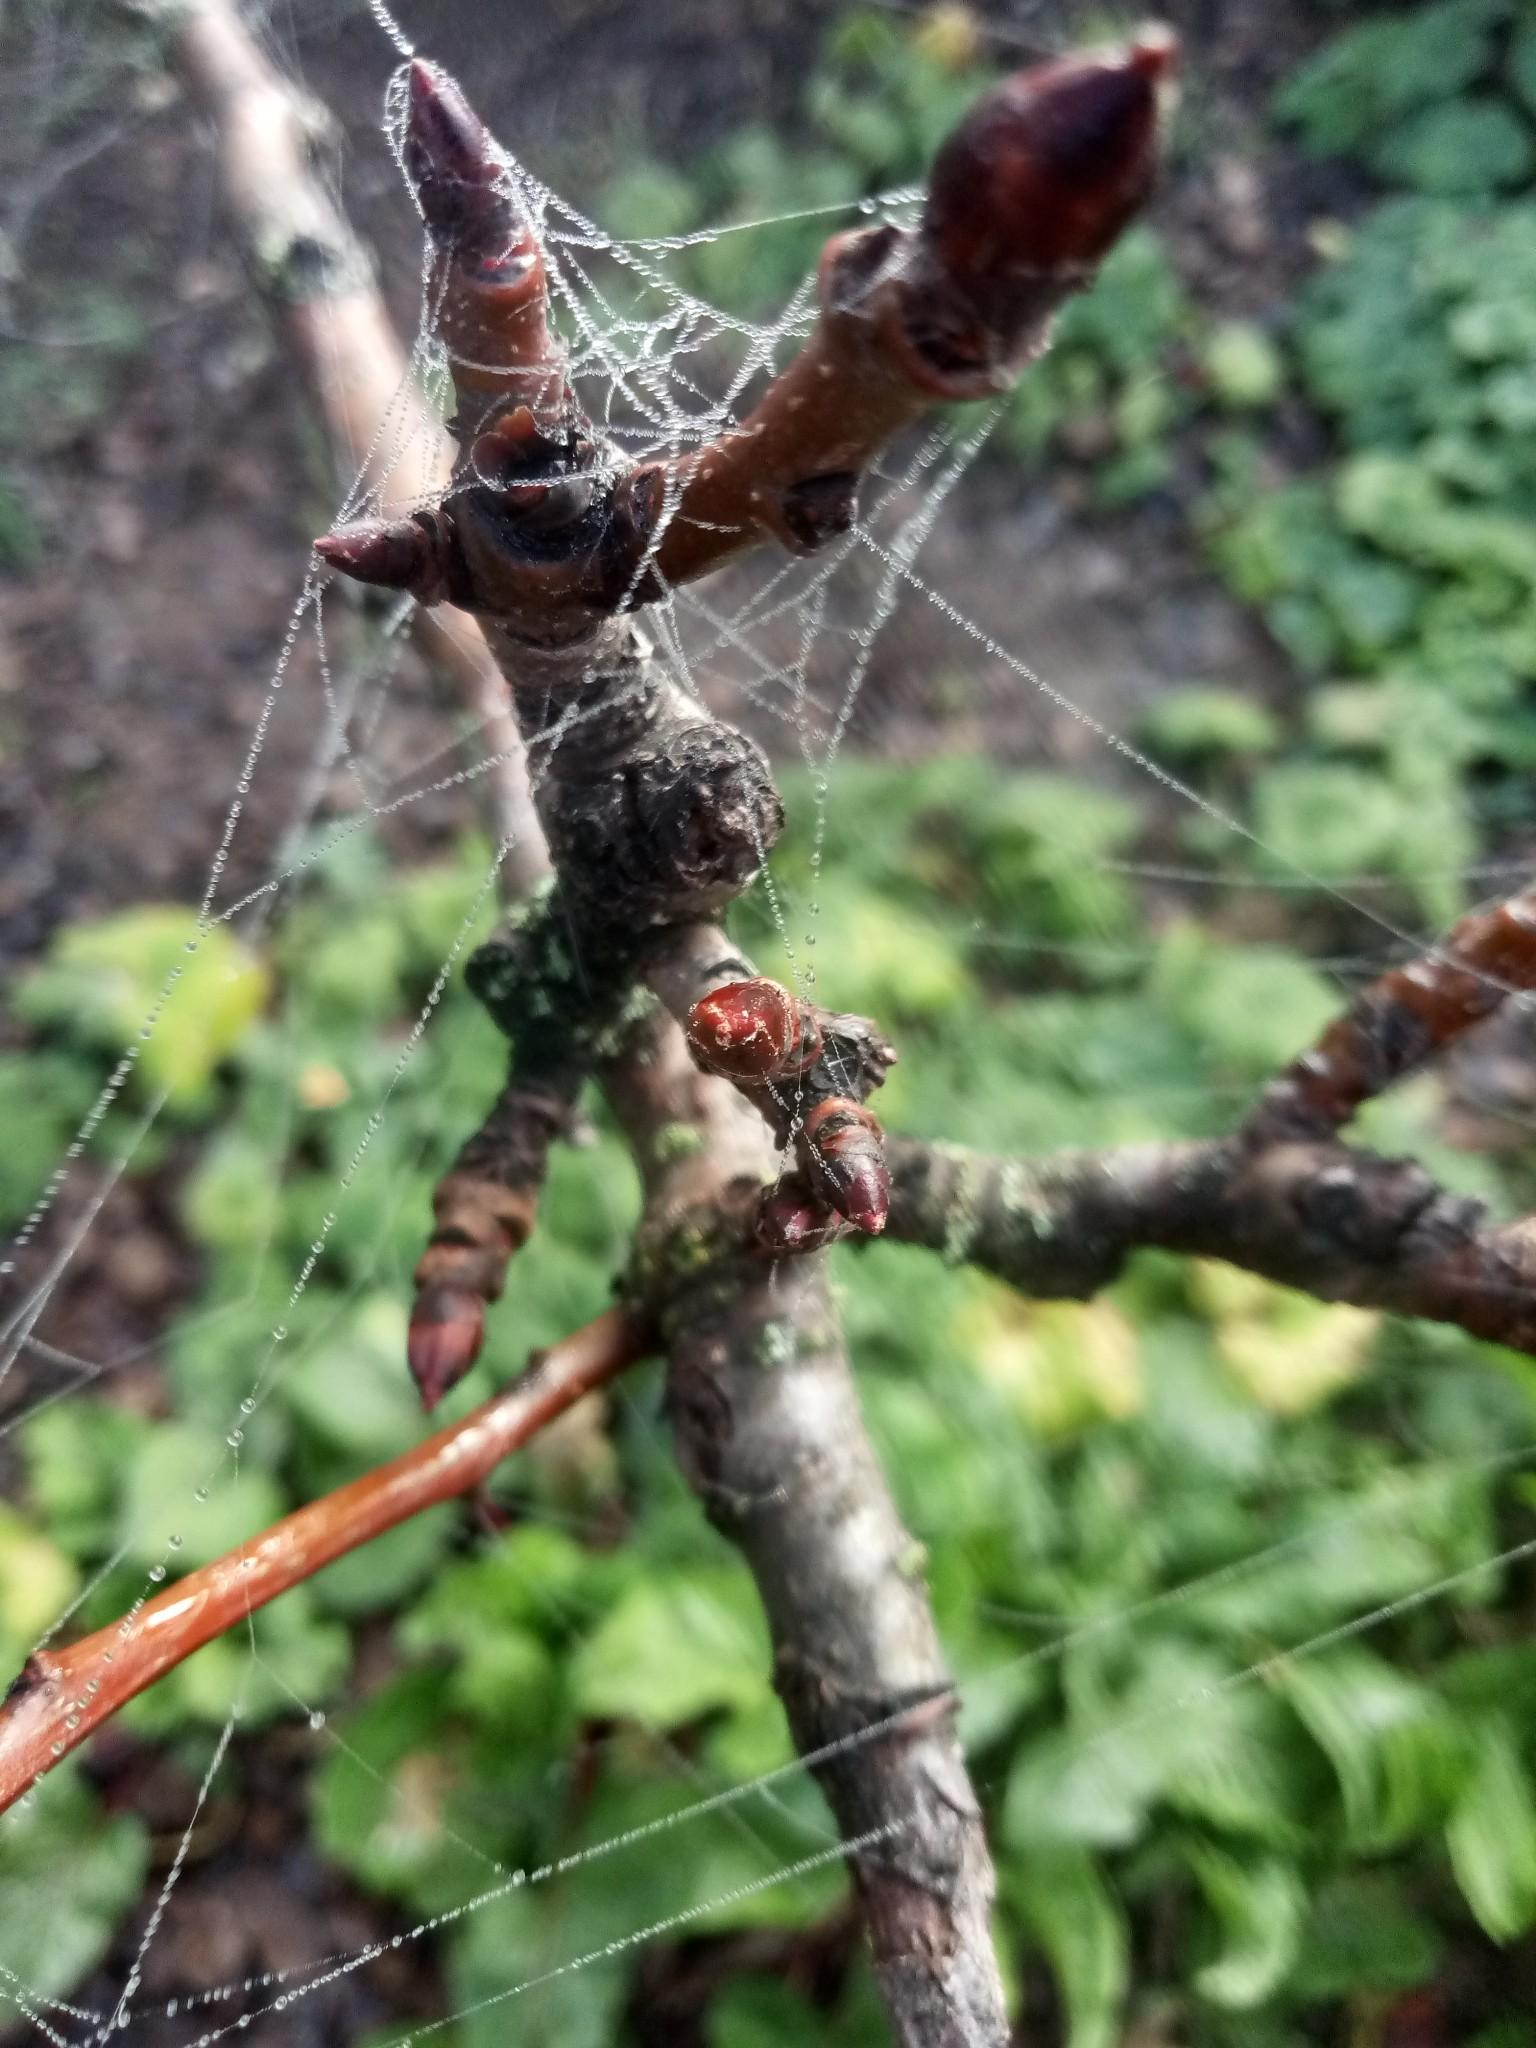 Spider web photo 5